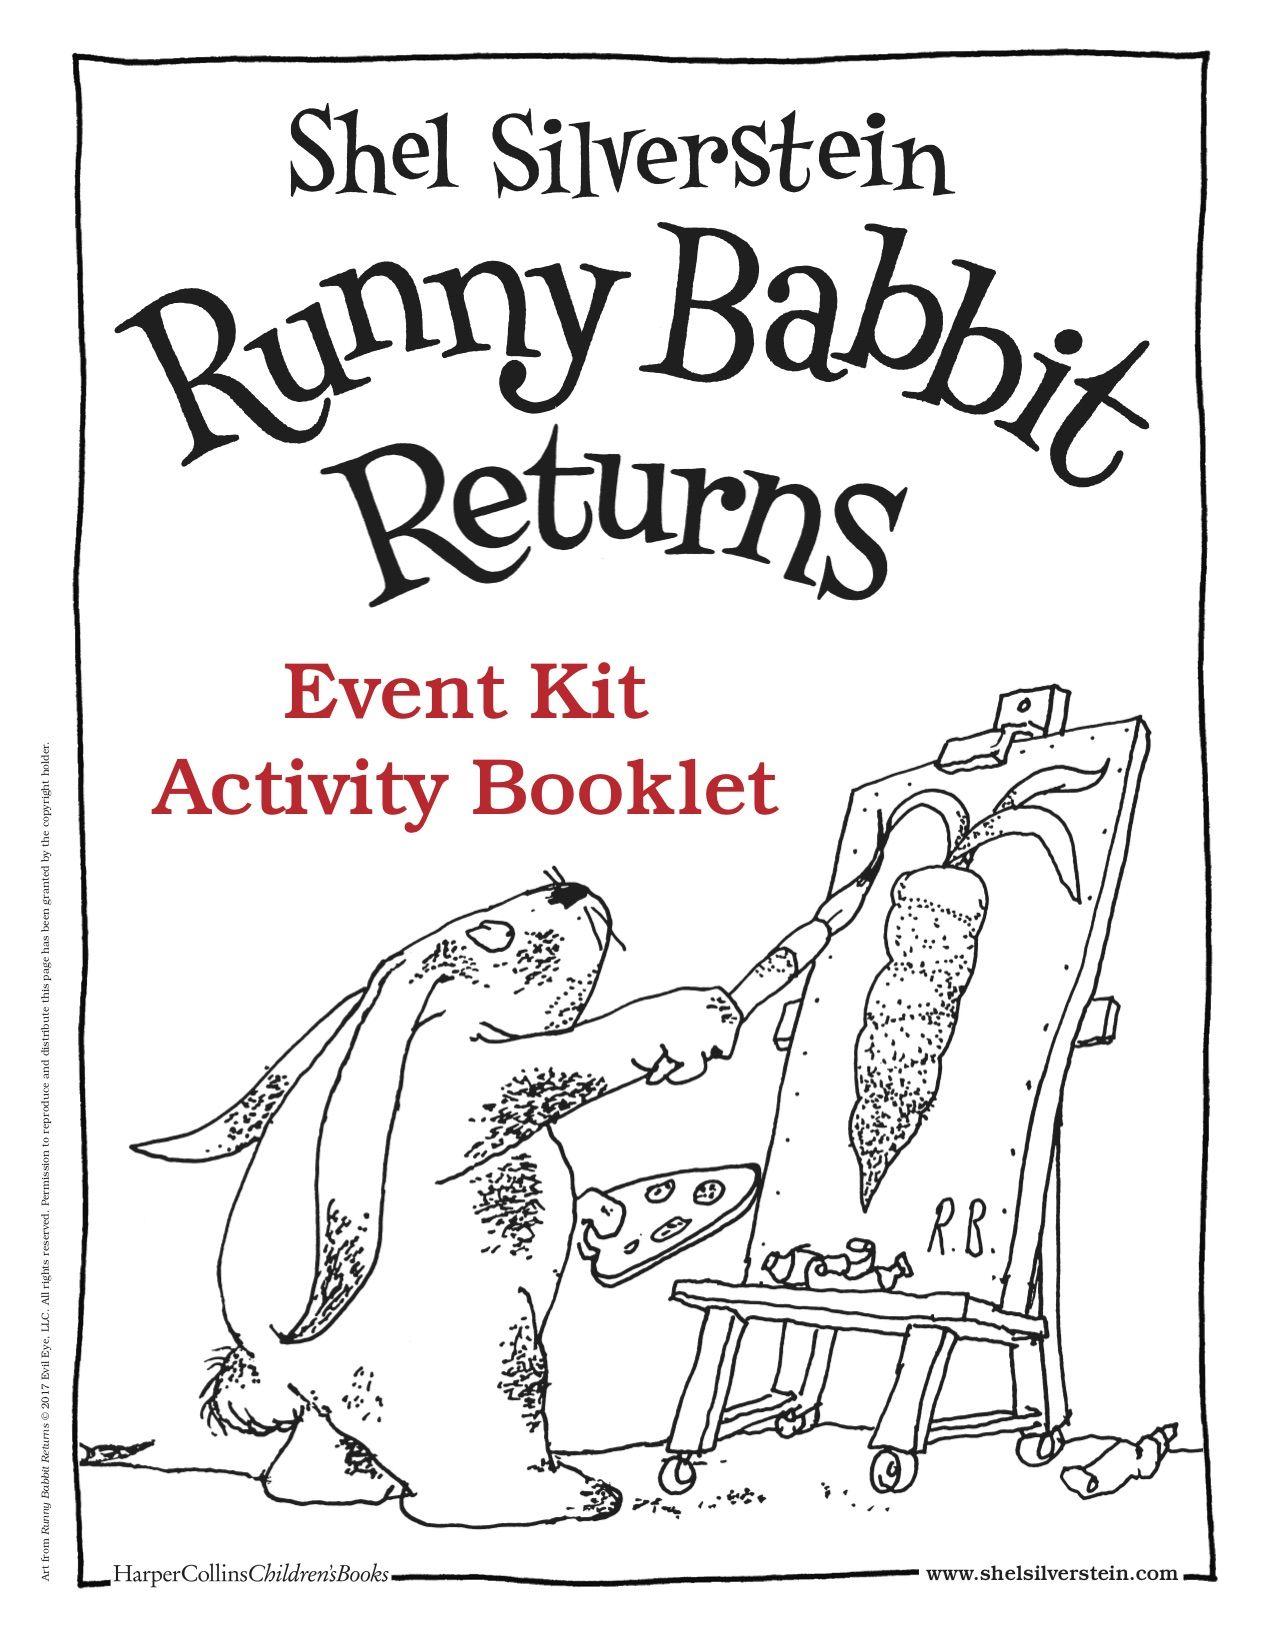 Runny Babbit Returns Event Kit